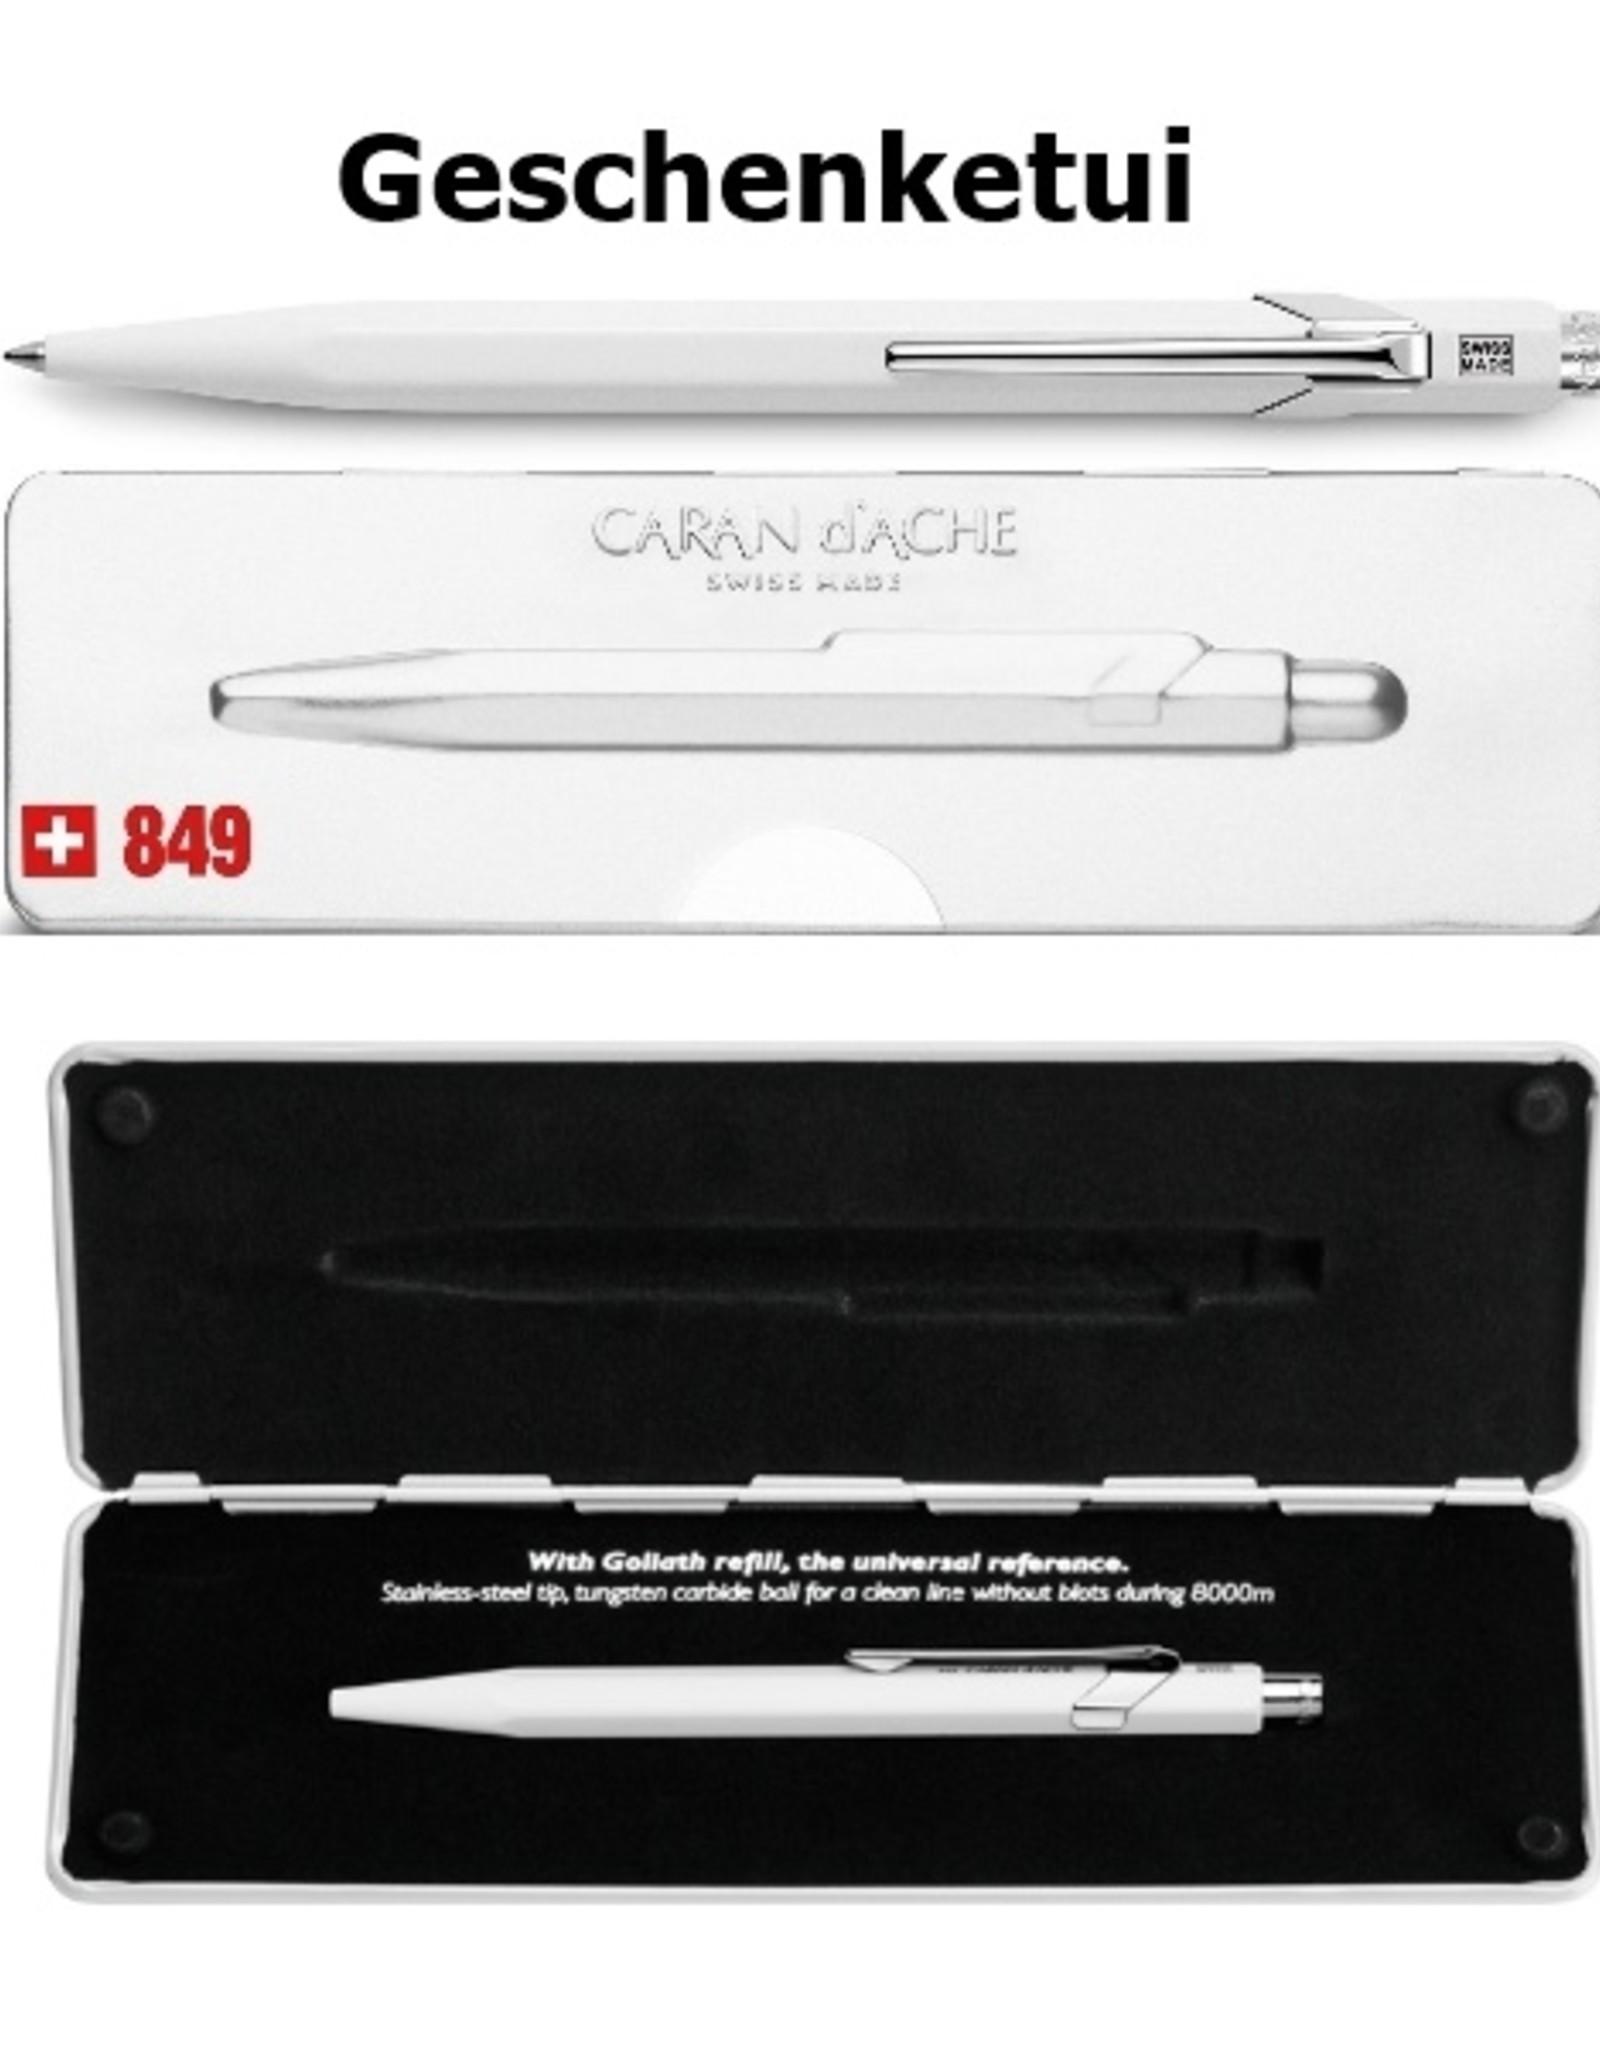 849 CLASSIC LINE saphirblau Kugelschreiber oder Minenhalter inkl. Gravur und Karton-Geschenkverpackung